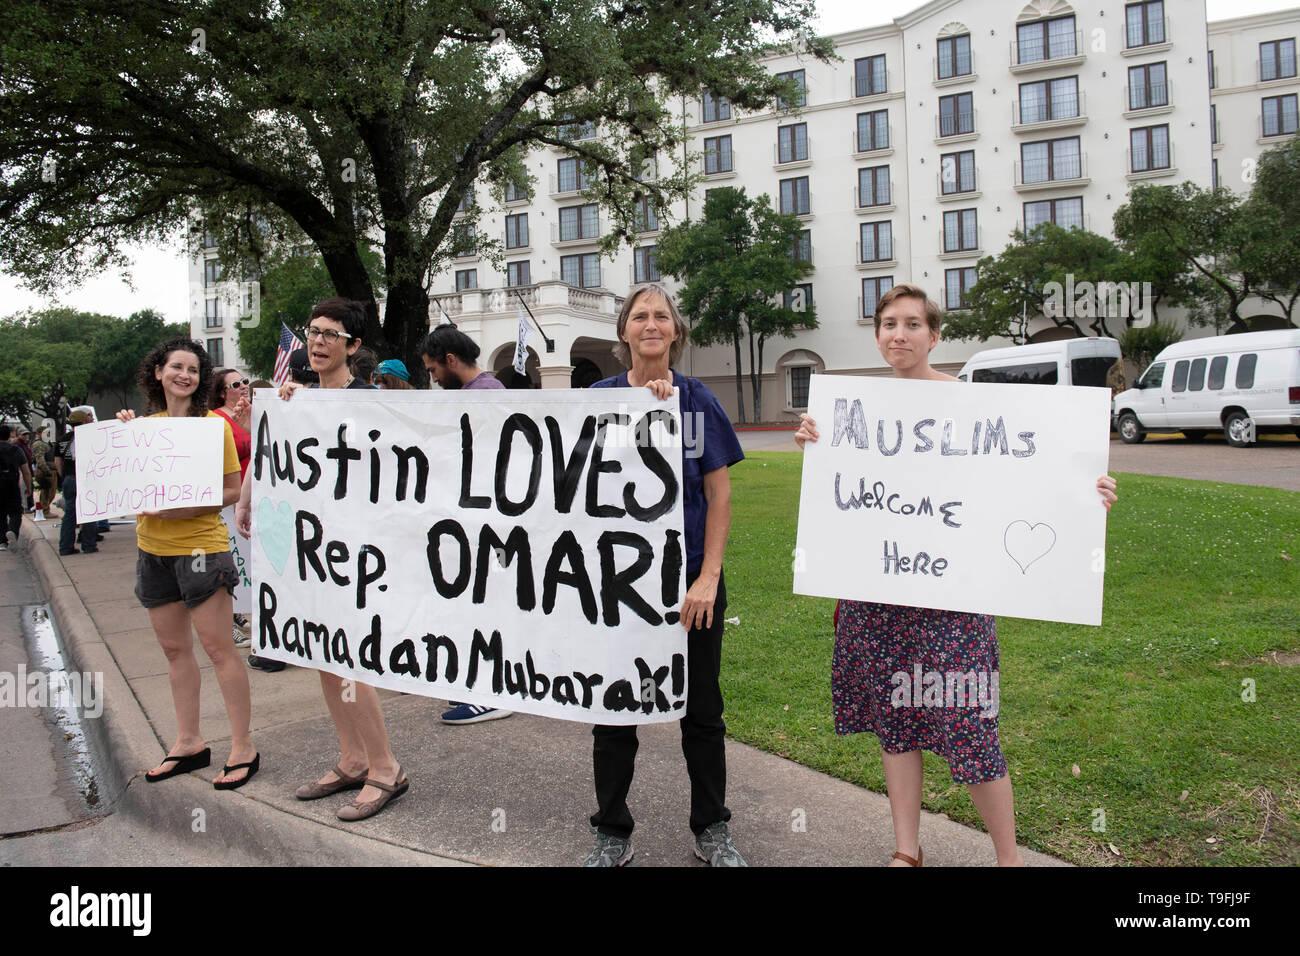 Los partidarios de la controvertida Congresista Ilhan Omar de Minnesota contra-demostrar contra manifestantes musulmanes como ella habló en Austin's anual cena Iftar celebrada en toda la ciudad en honor del 14º día del Ramadán. Omar es uno de los dos musulmanes sirviendo en el Congreso de los Estados Unidos. Foto de stock